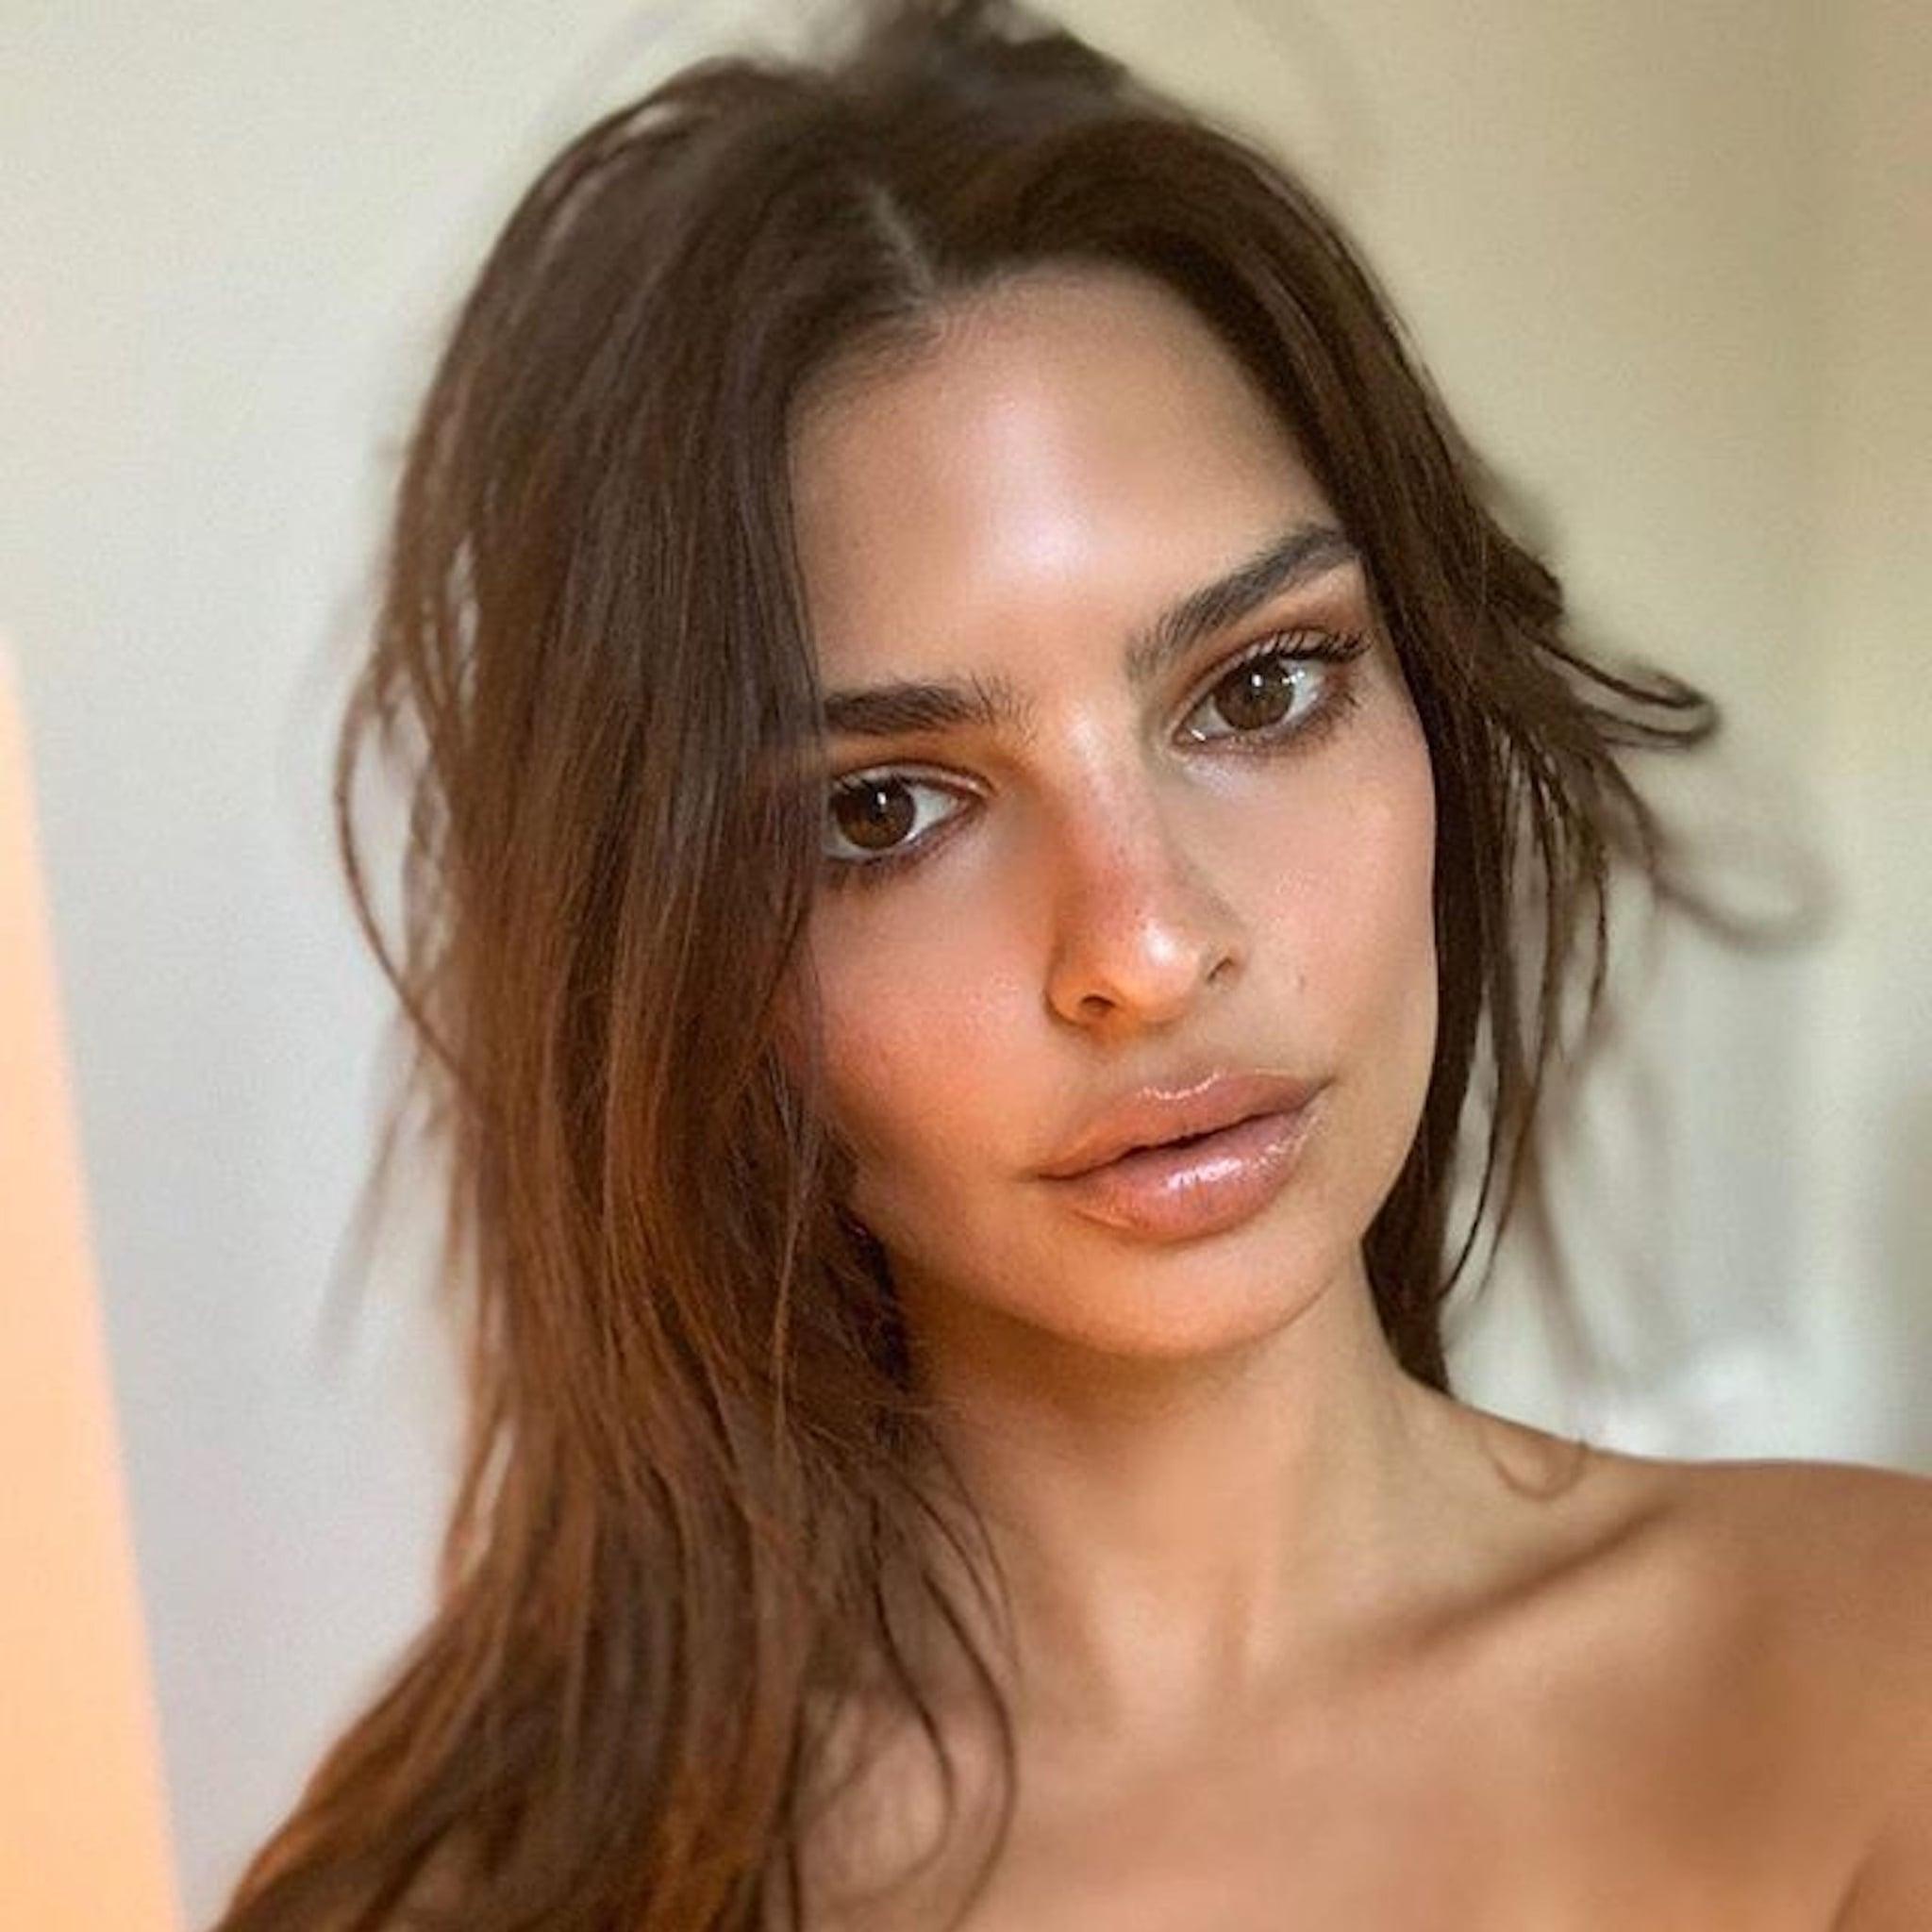 2019 Laura Bella Evans nude photos 2019